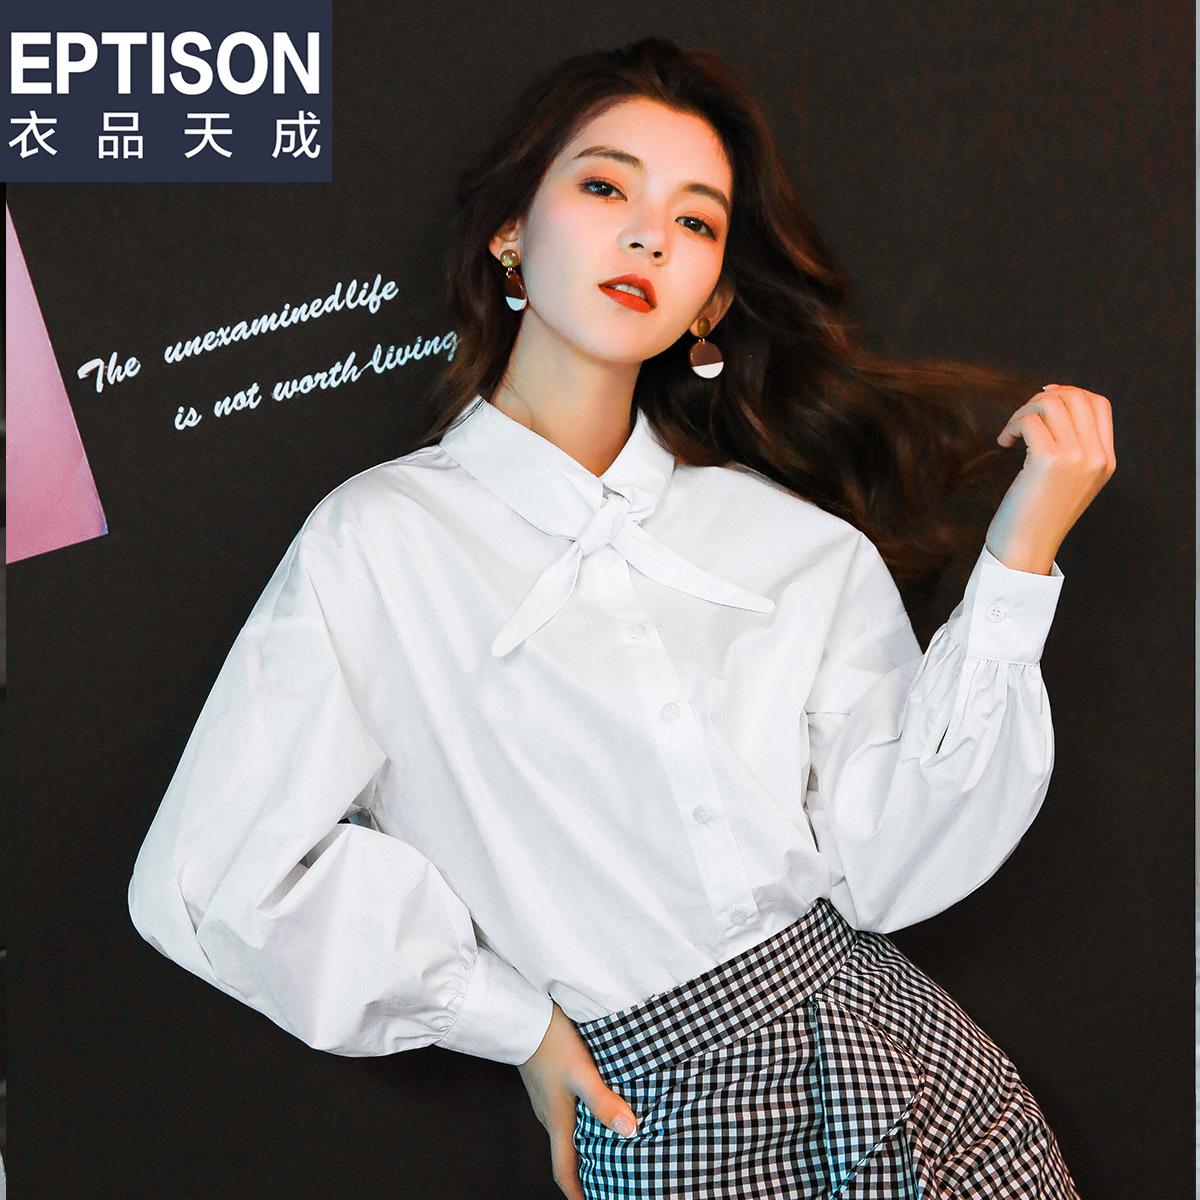 领结衬衫女长袖2018春装新款纯棉学生潮ins上衣白打底